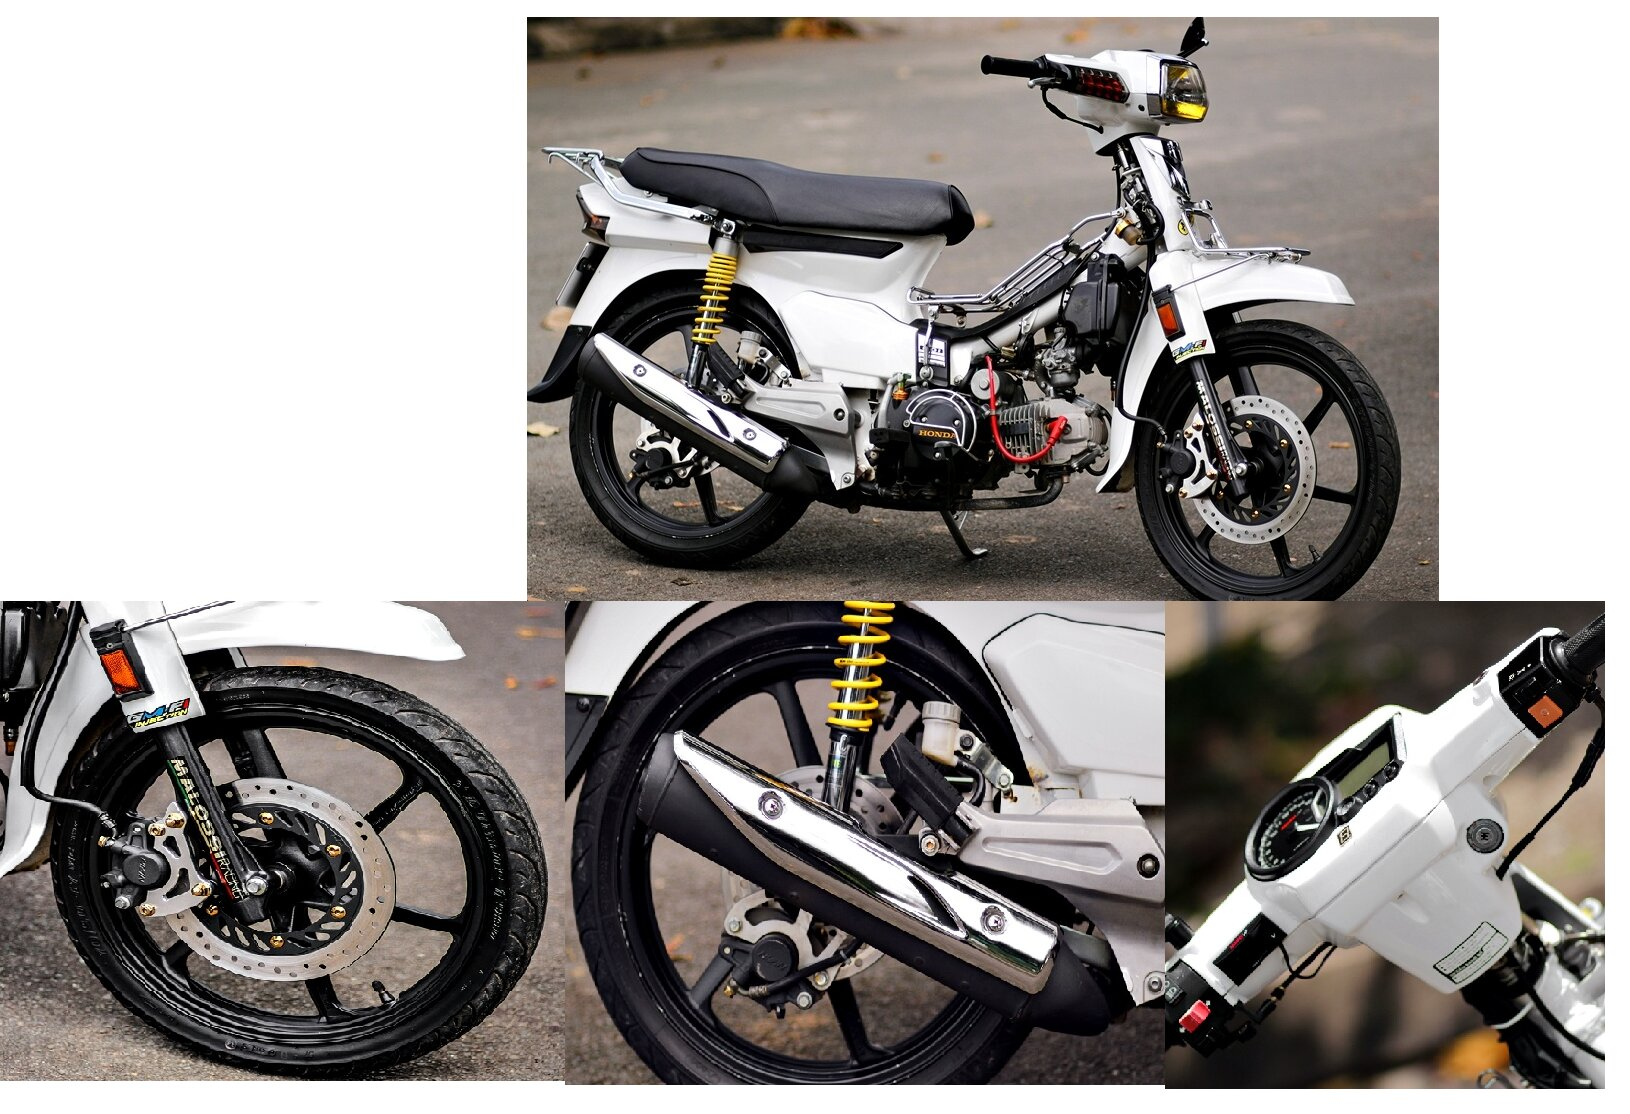 Điểm danh một số mẫu độ xe Honda Dream phong cách của biker Việt